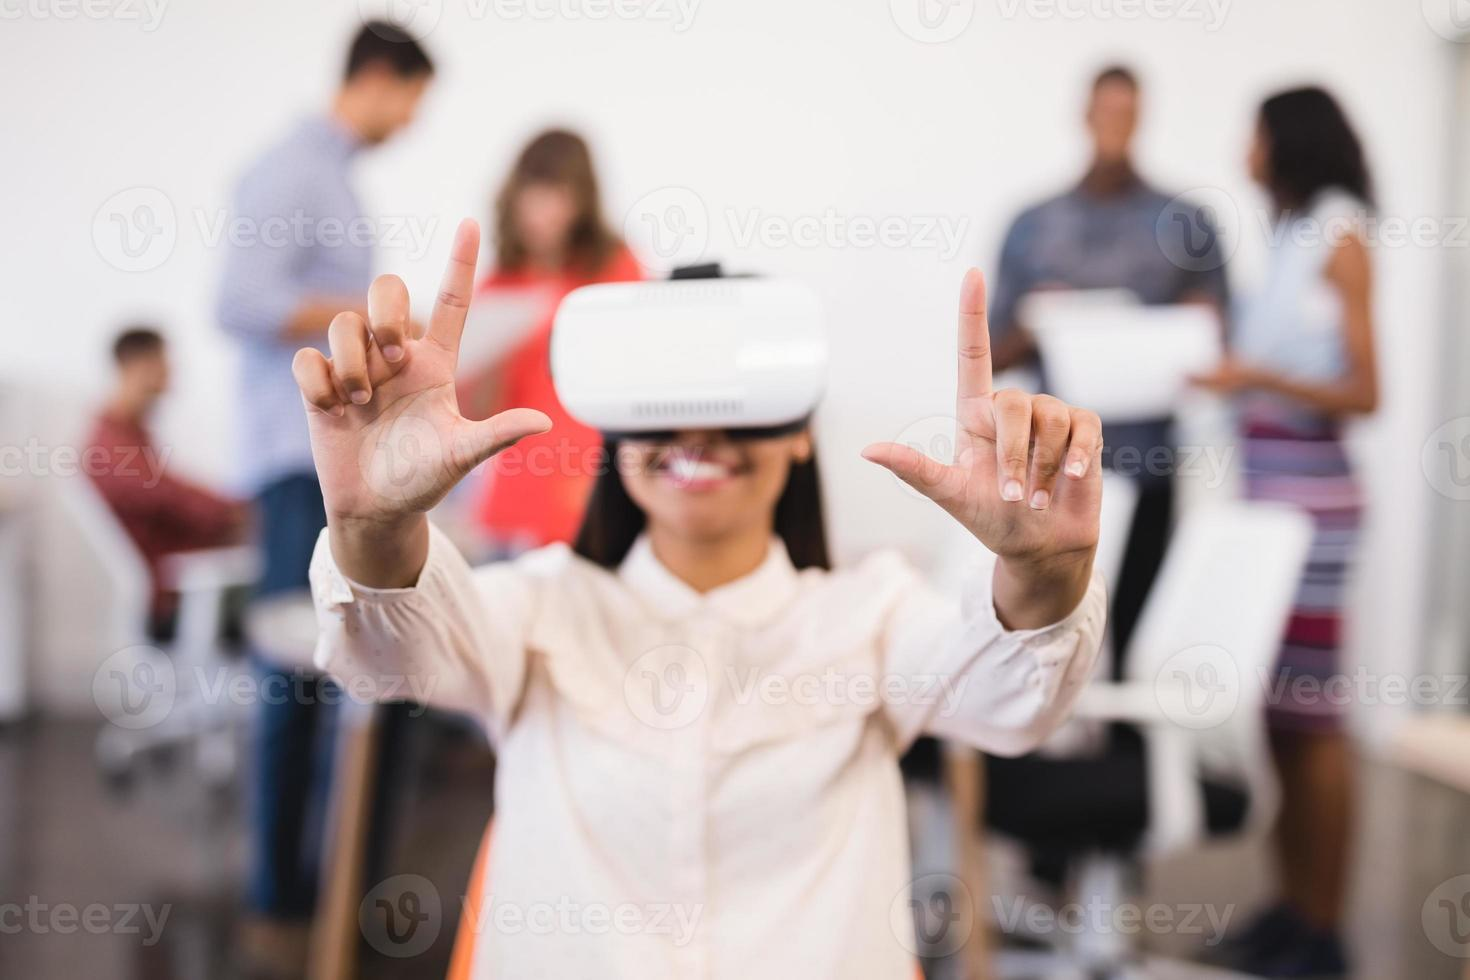 empresária, gesticulando enquanto estiver usando óculos vr foto